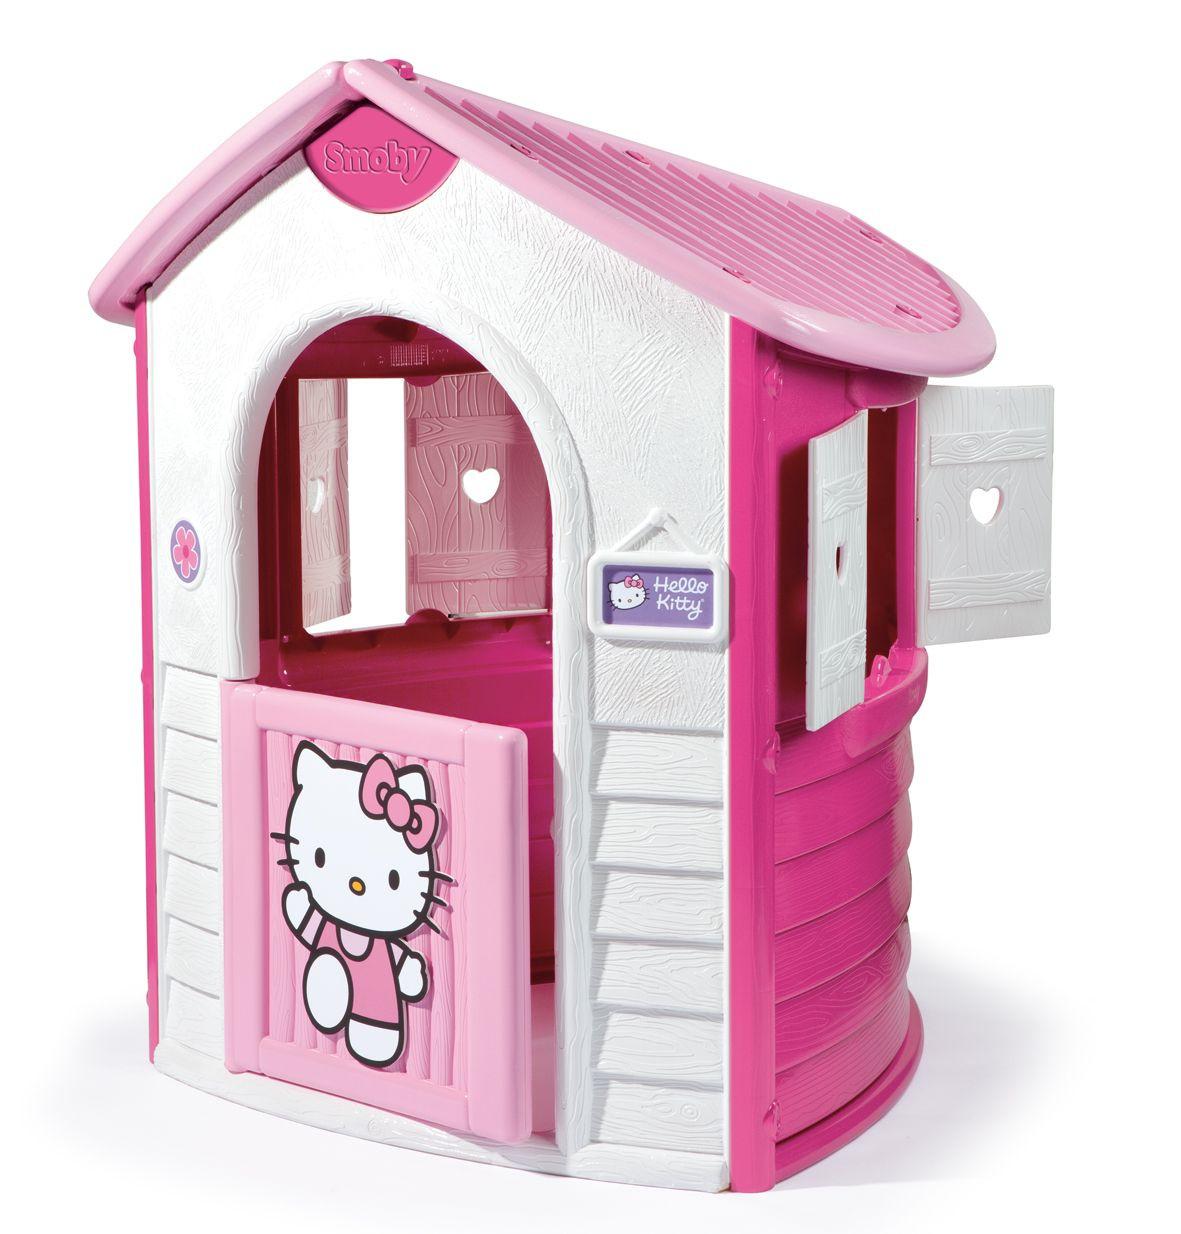 Cabane De Jardin Hello Kitty Smoby : Avis Et Comparateur De Prix dedans Maison De Jardin Smoby